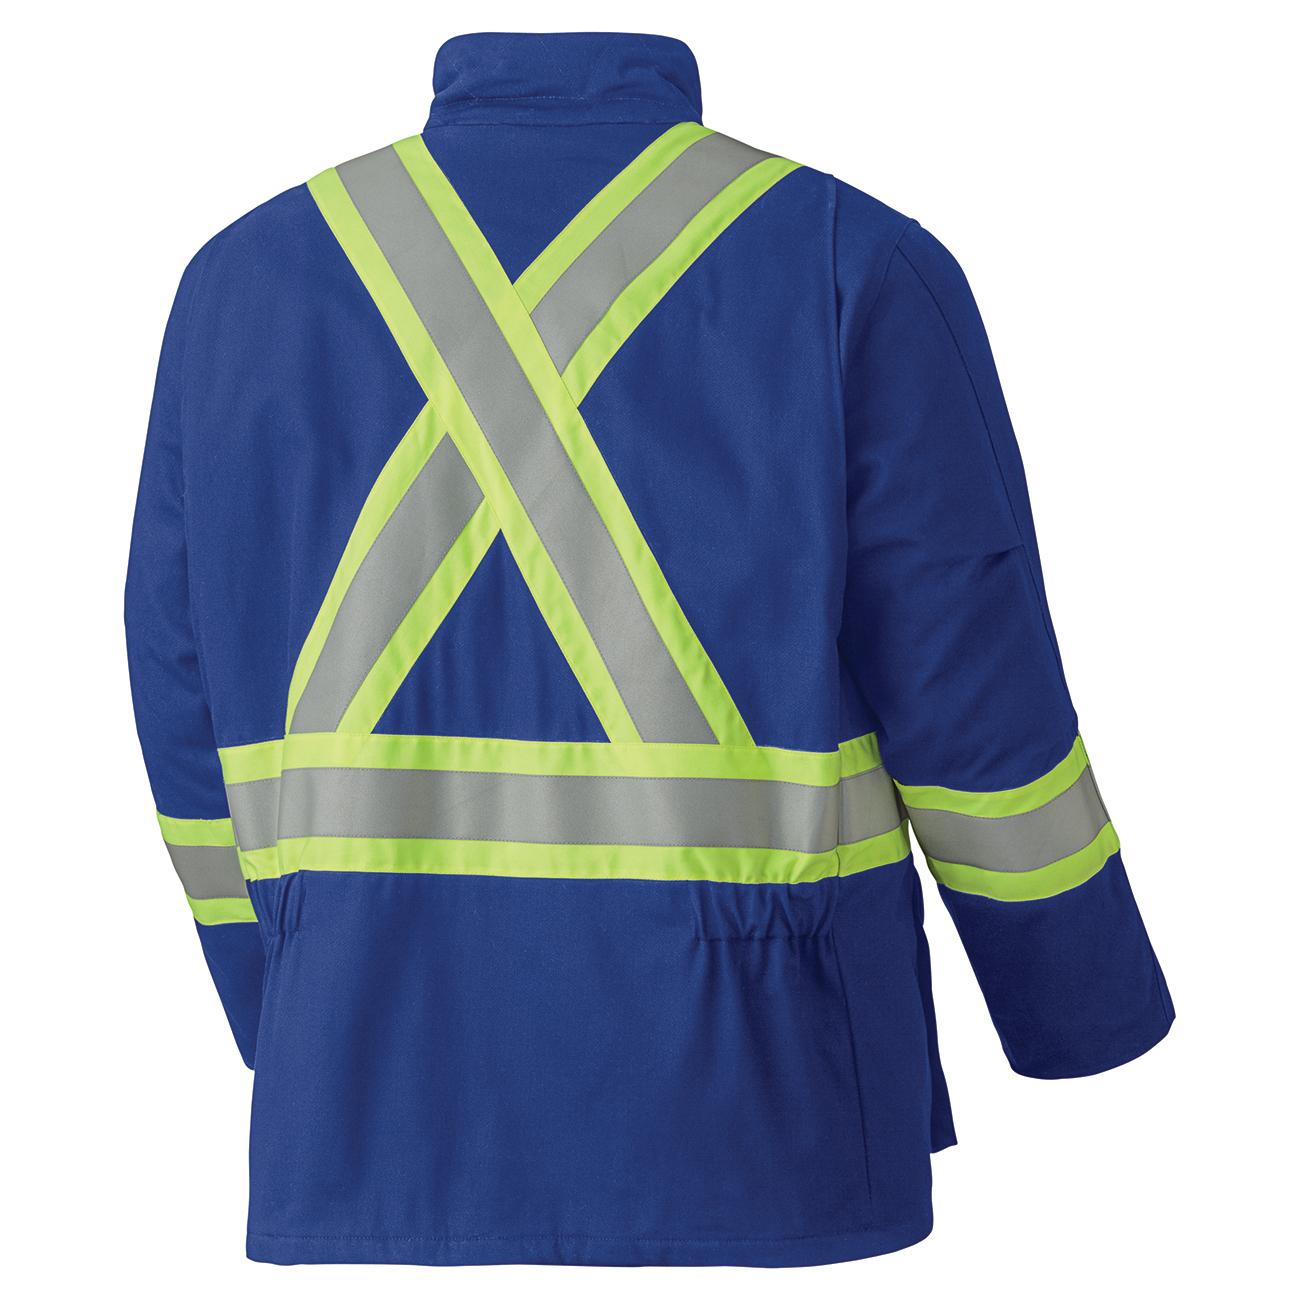 Manteau de sécurité ignifuge matelassé